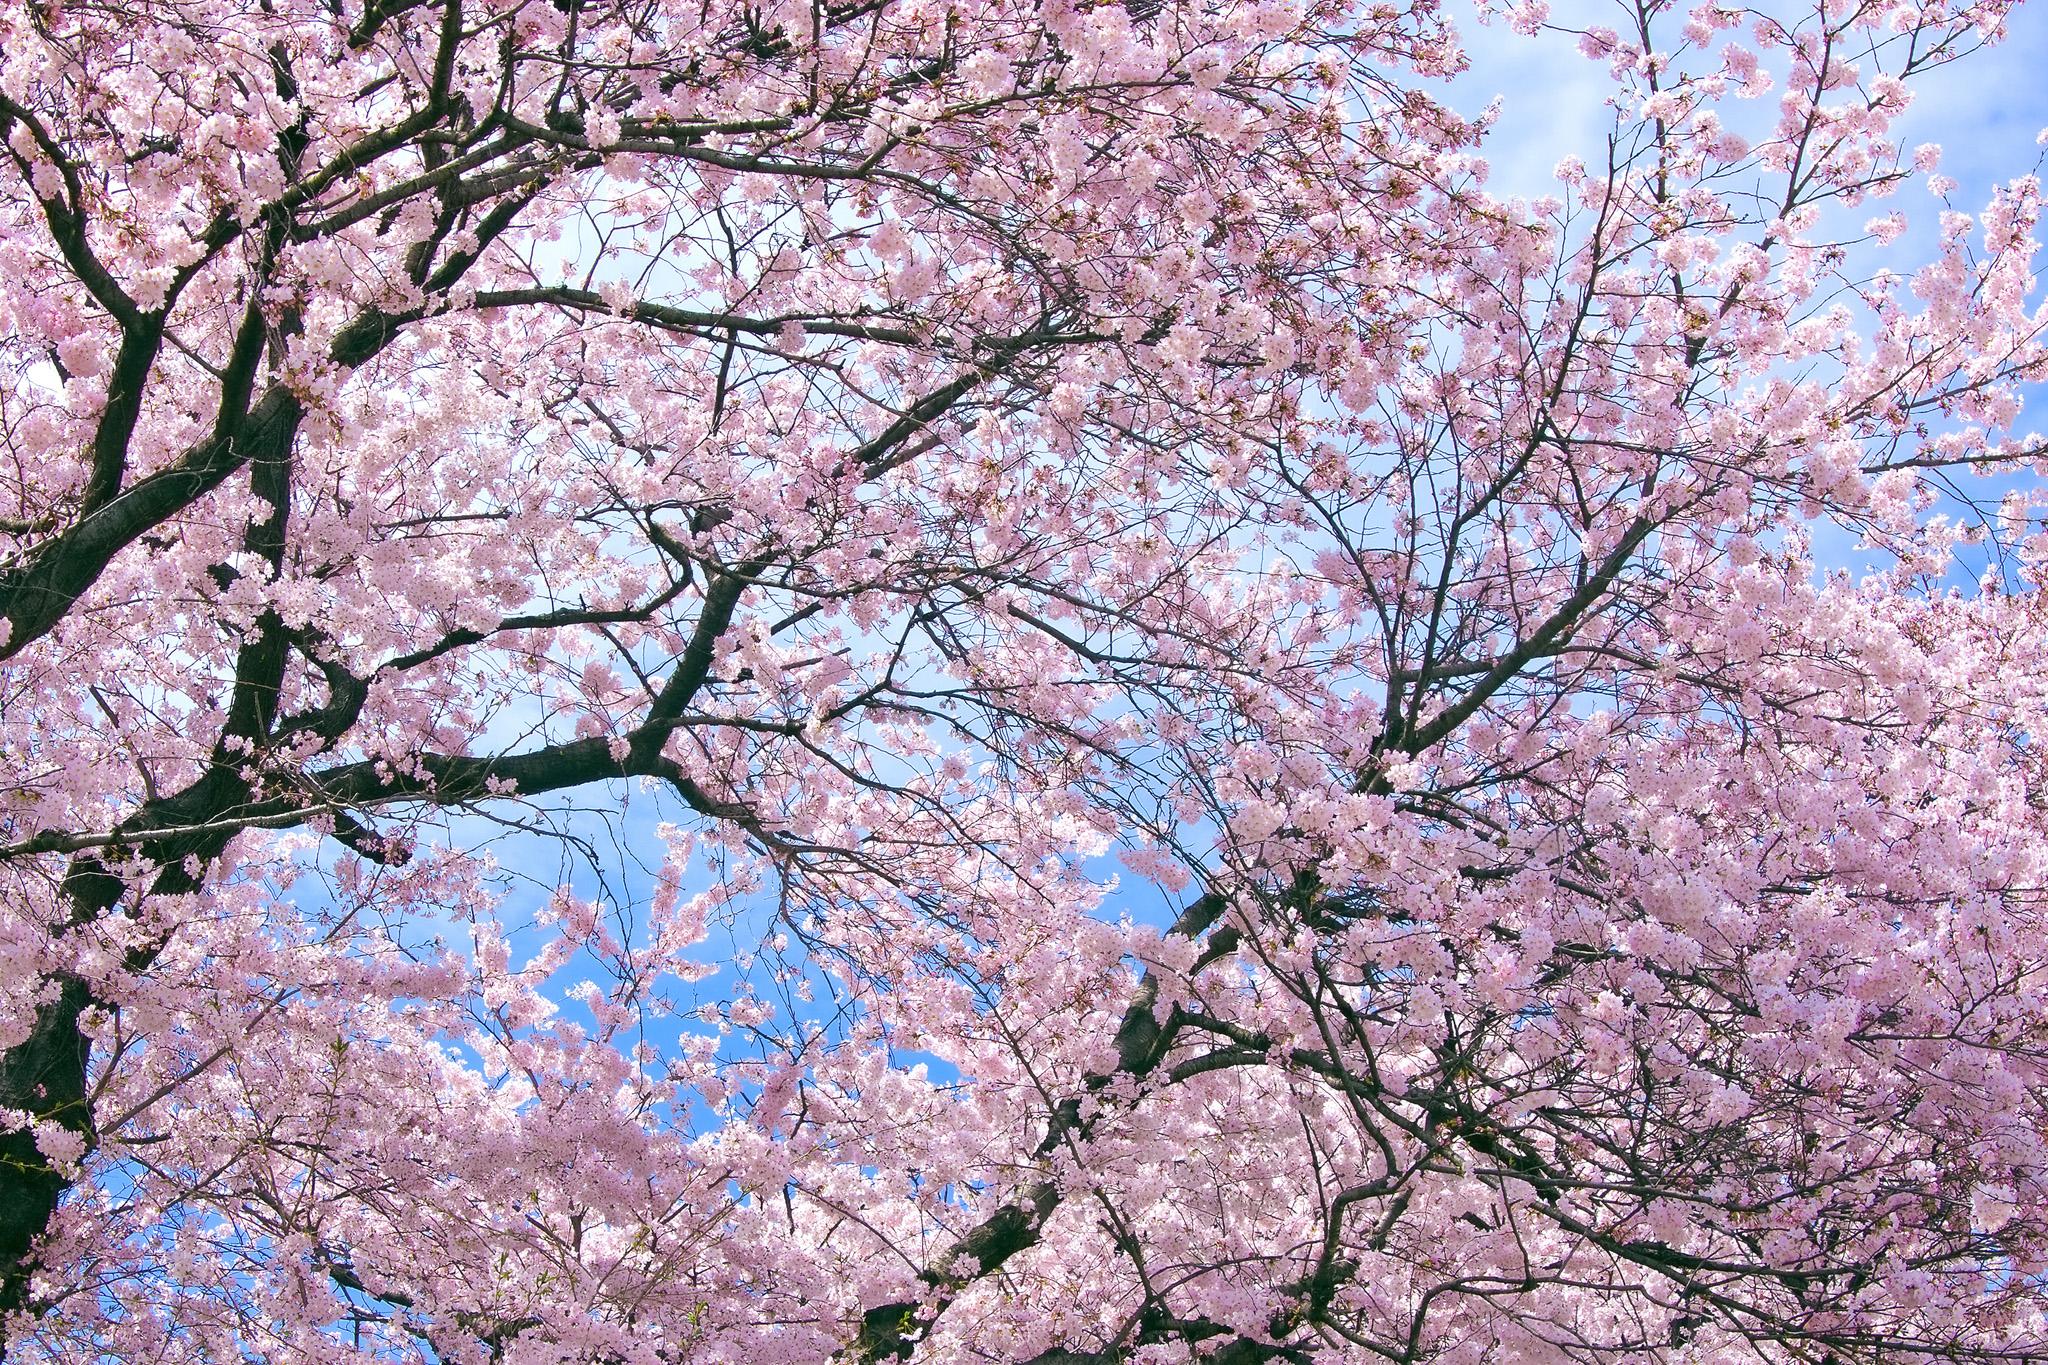 「桜が咲く美しい日本の春」の素材を無料ダウンロード